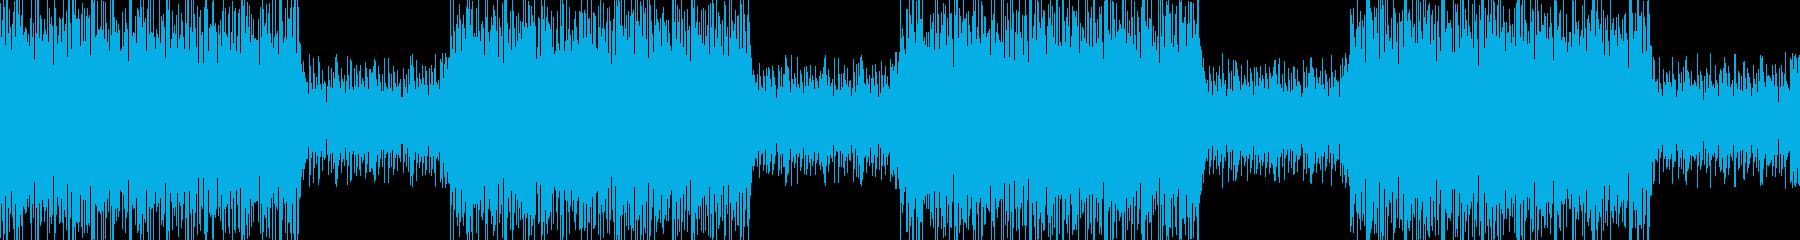 和風・和太鼓・三味線・迫力・わくわくの再生済みの波形